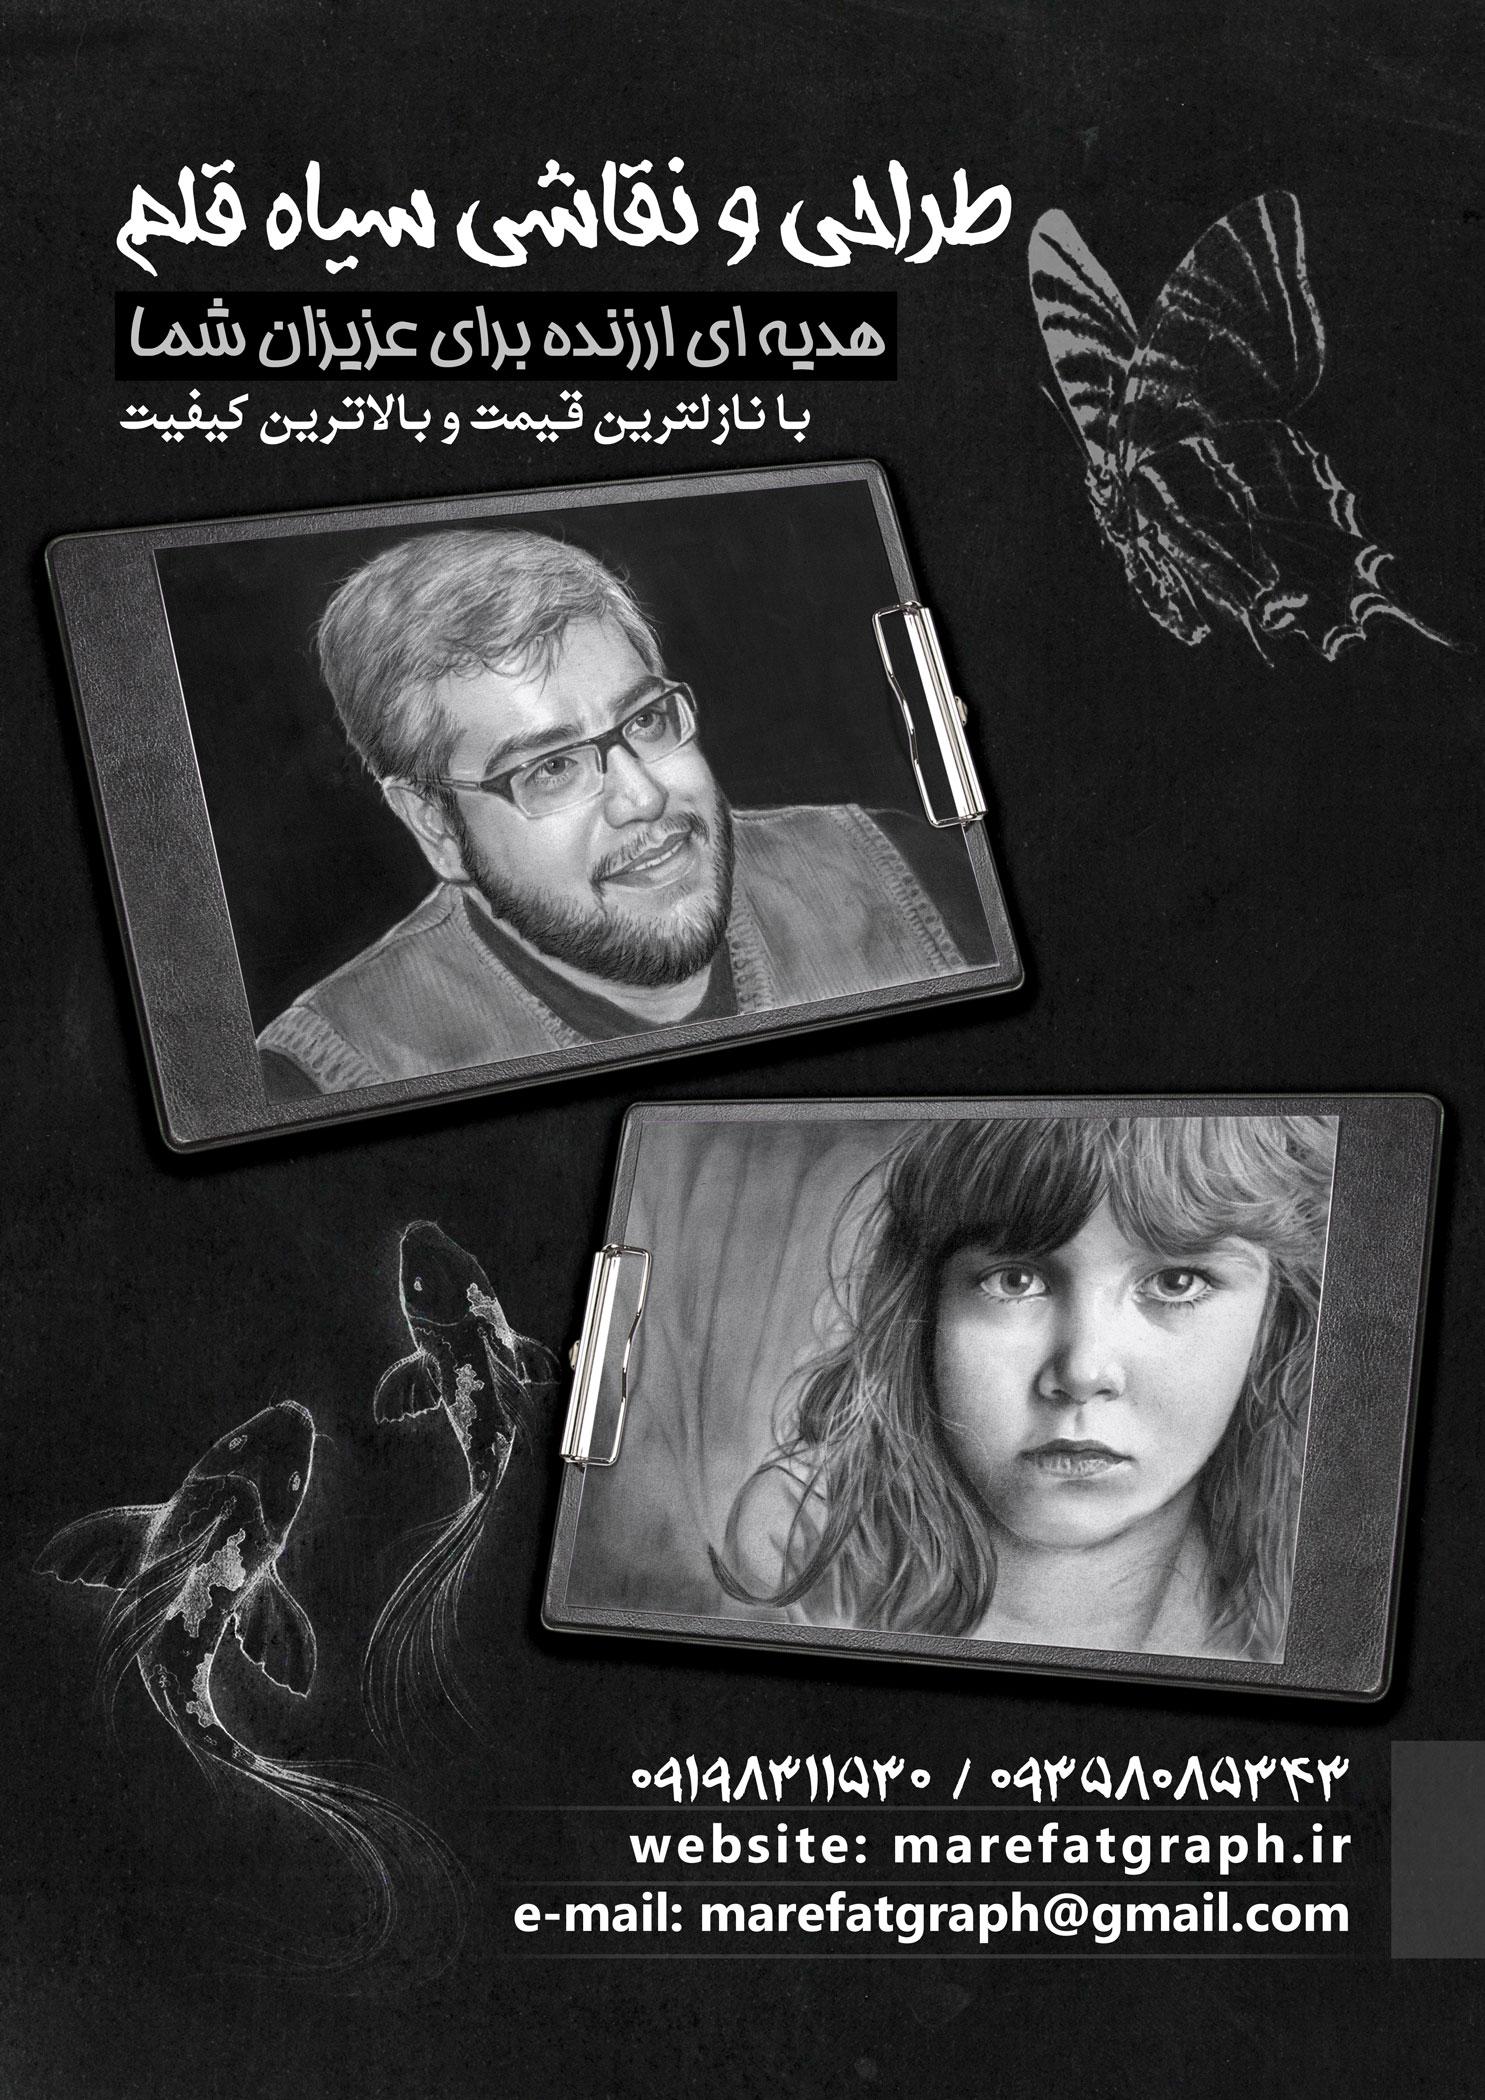 http://bayanbox.ir/view/572843866918145887/Poster.jpg